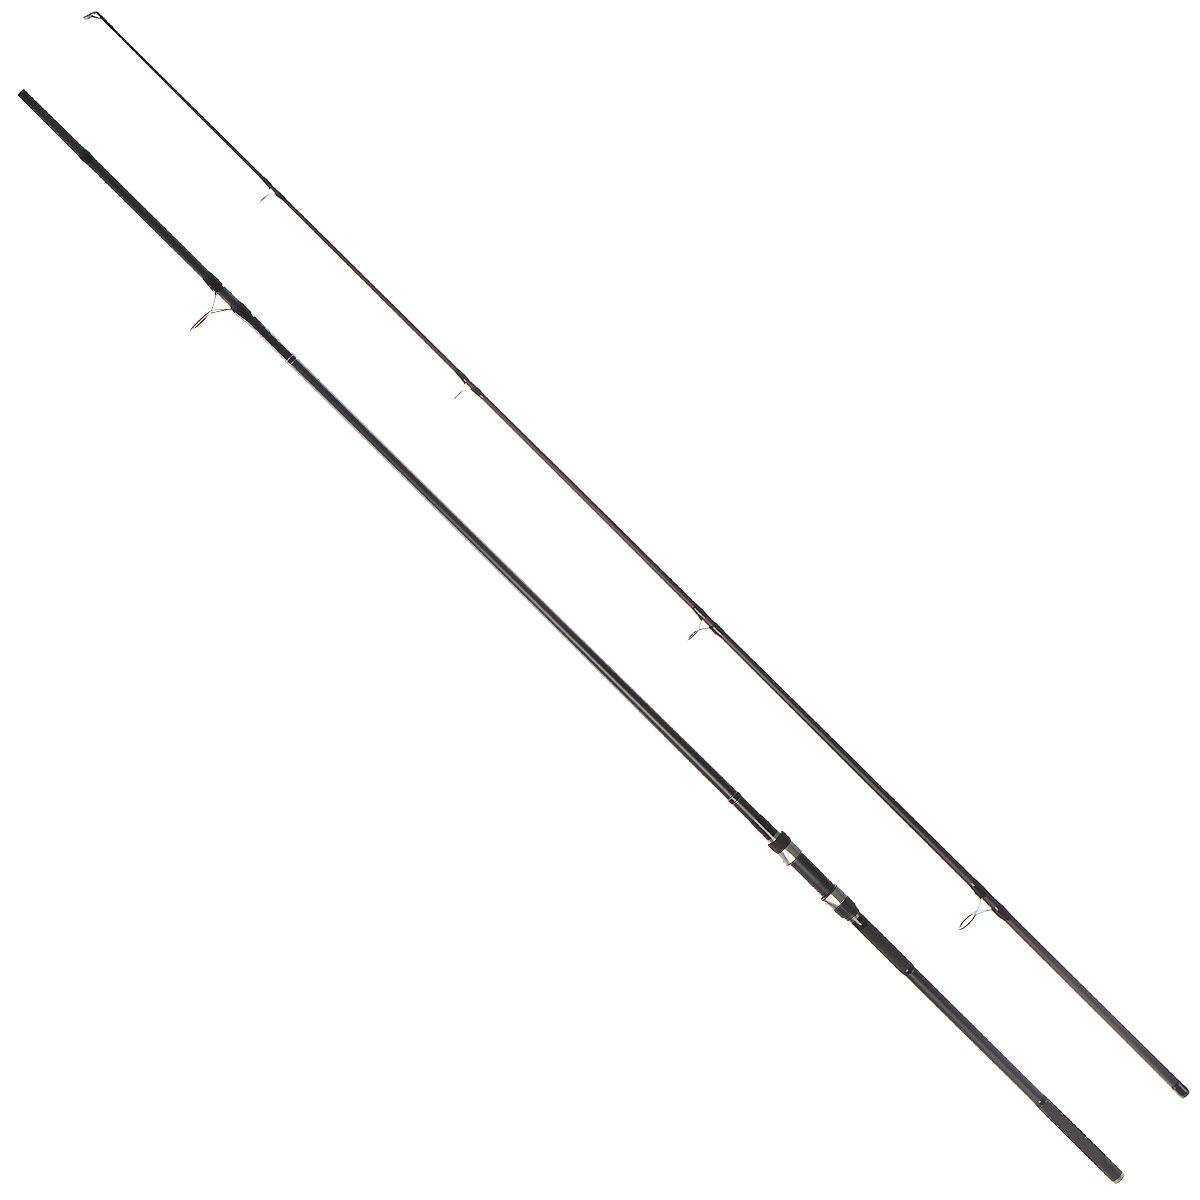 Удилище карповое Daiwa Black Widow Carp, 3,9 м, 5 lbs0038176Карповое удилище Daiwa Black Widow Carp даст вам прекрасные рабочие характеристики за приемлемую цену. Бланки удилища выполнены из высокомодульного графита. Пропускные кольца из оксида титана, что обеспечивает им высокую прочность. Удилище оснащено катушкодержателем DPS с черными зажимными кольцами.Поставляется в чехле.Тест: 5 lbs.